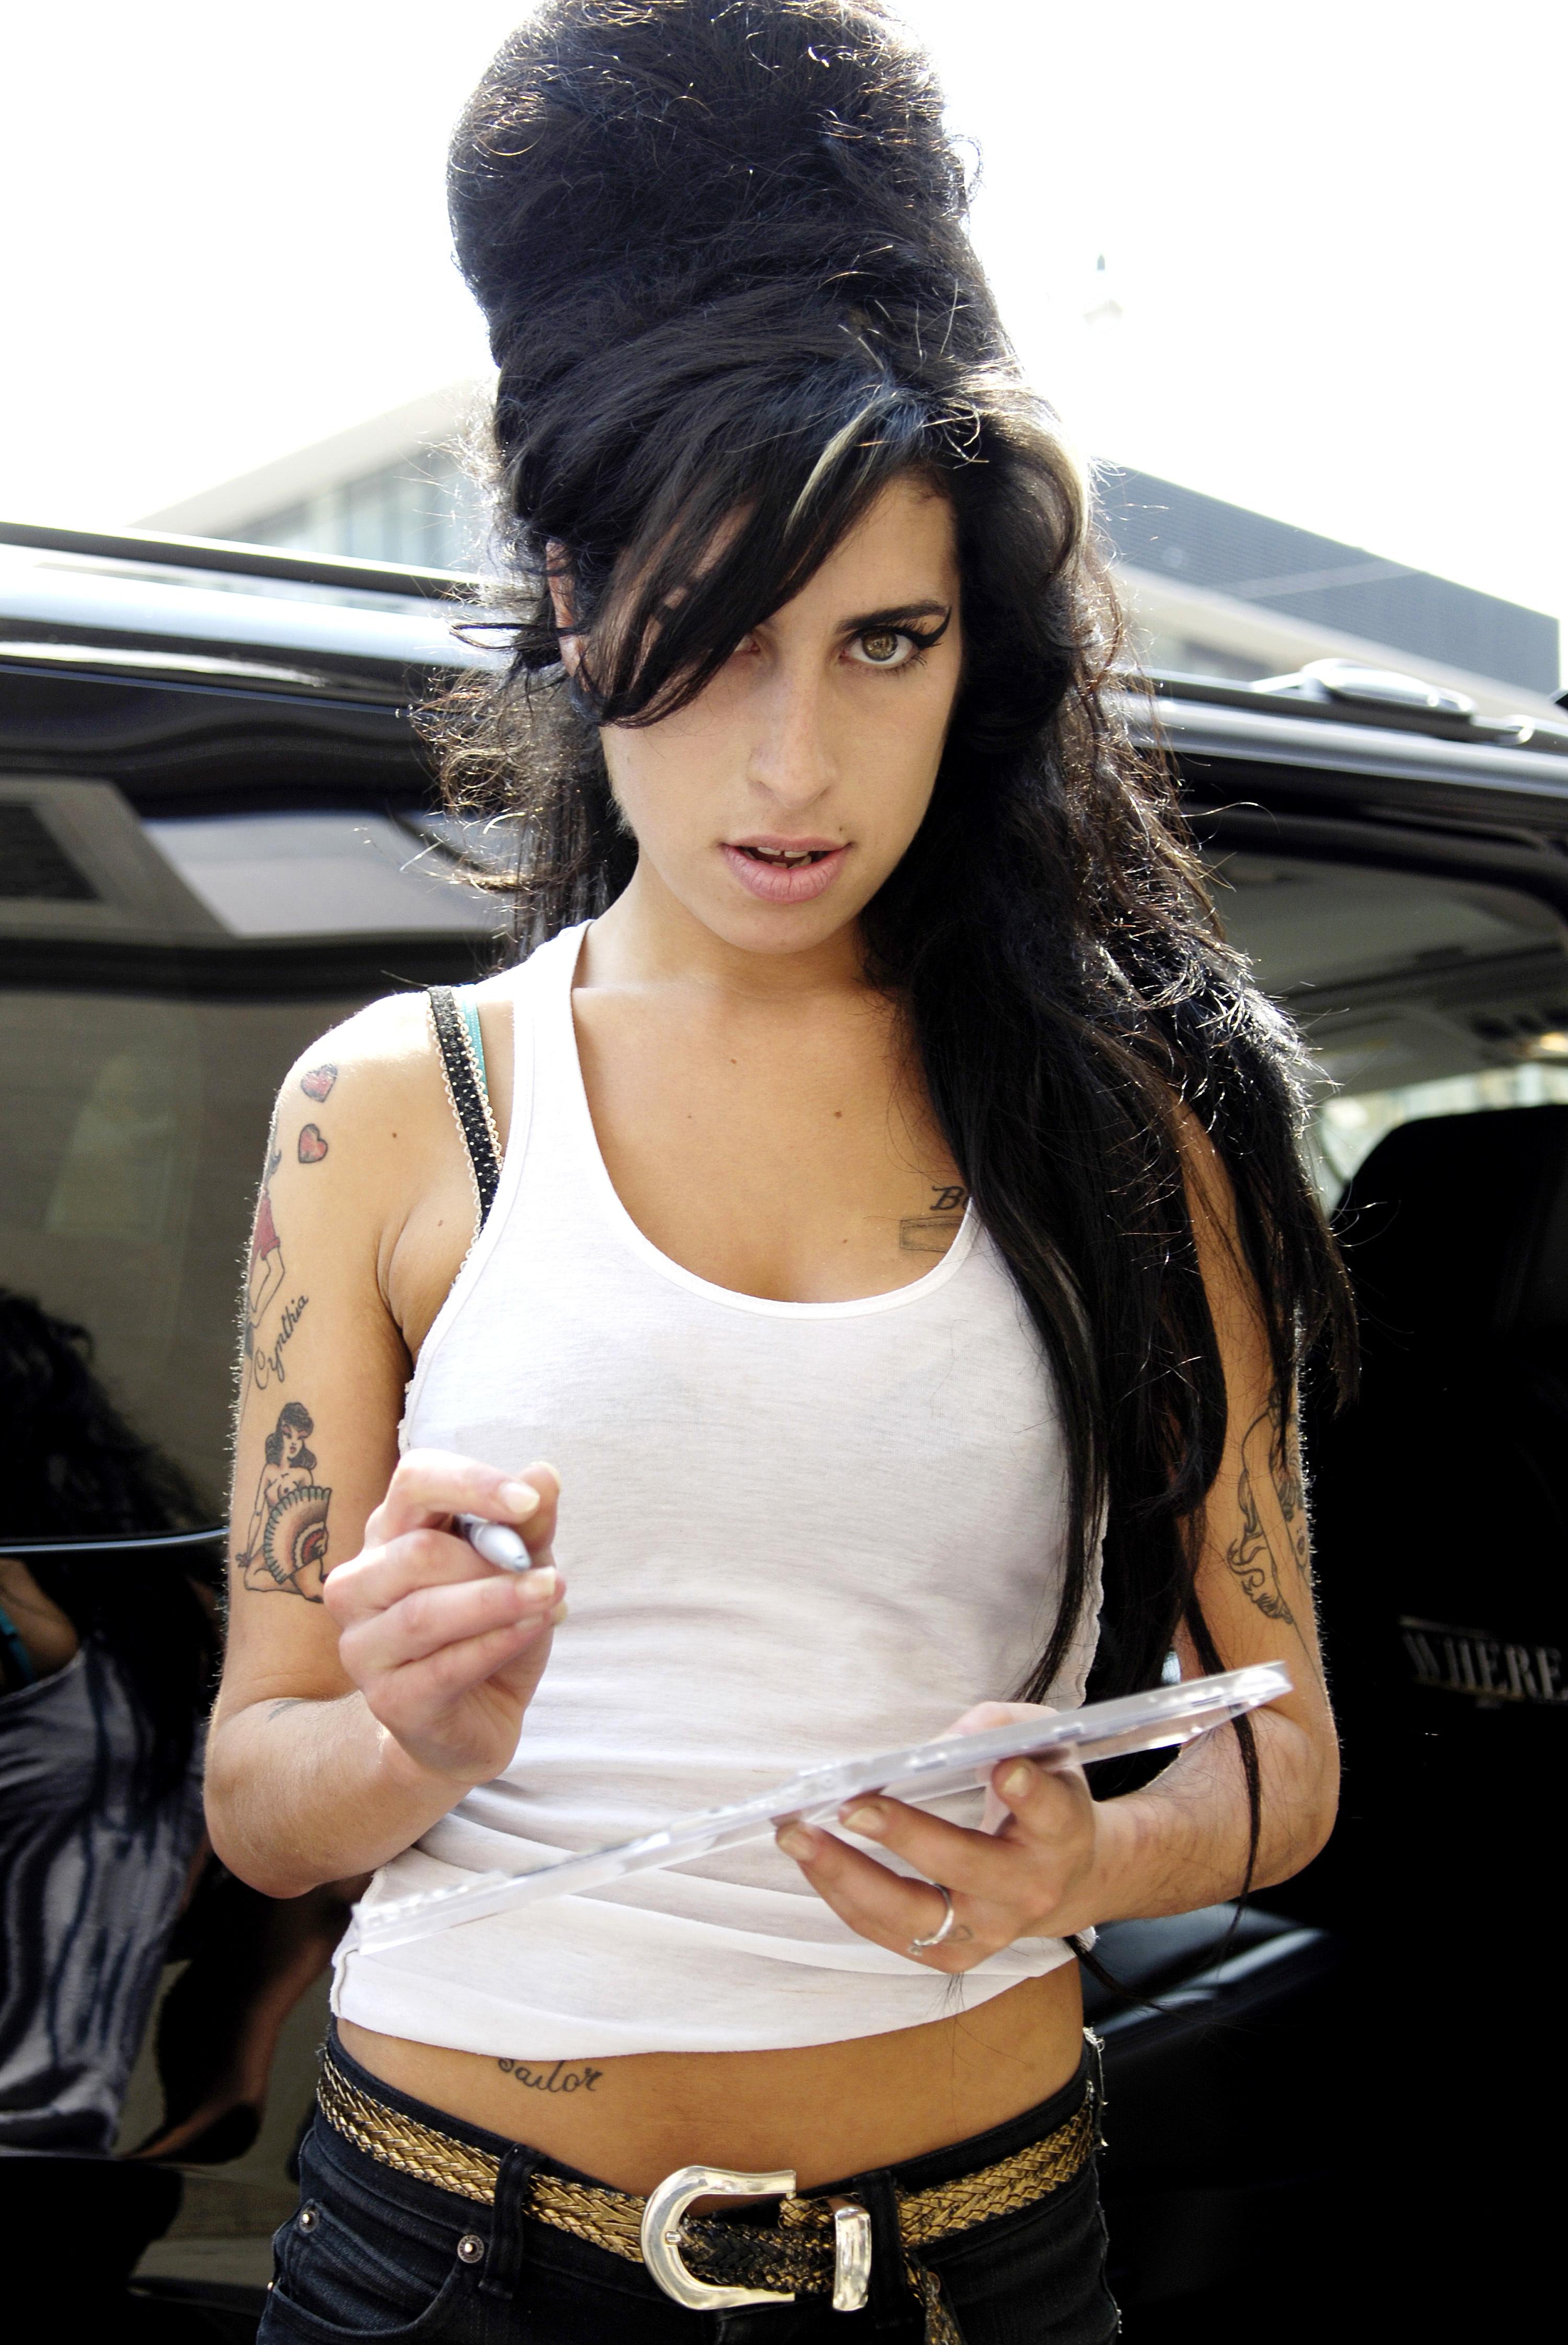 WinehouseAH063758